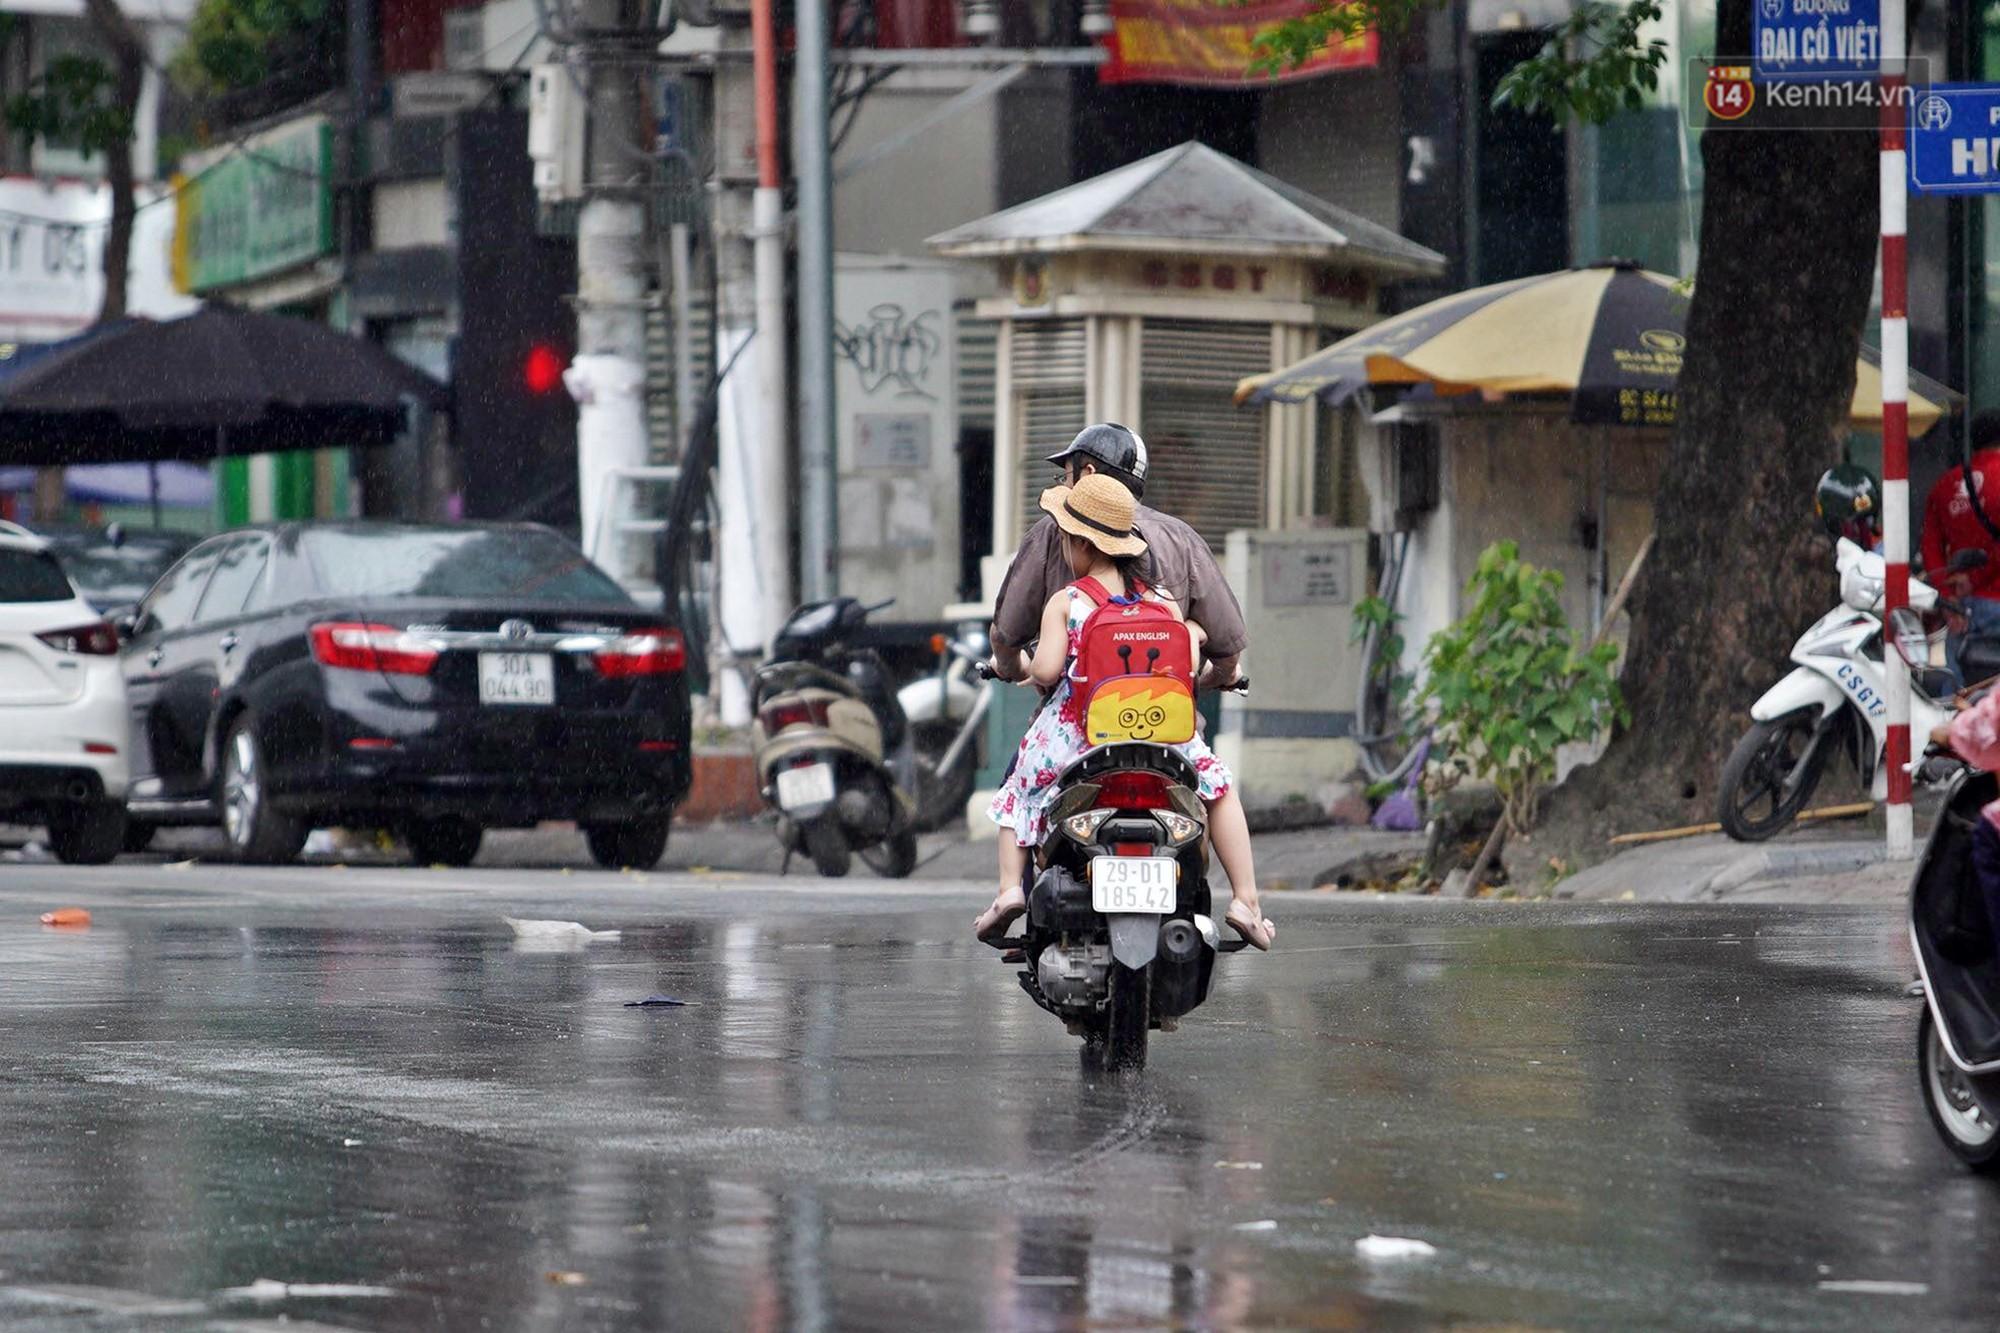 Ảnh hưởng bão số 2 khiến Hà Nội mưa trắng xoá, gió quật nghiêng người-1